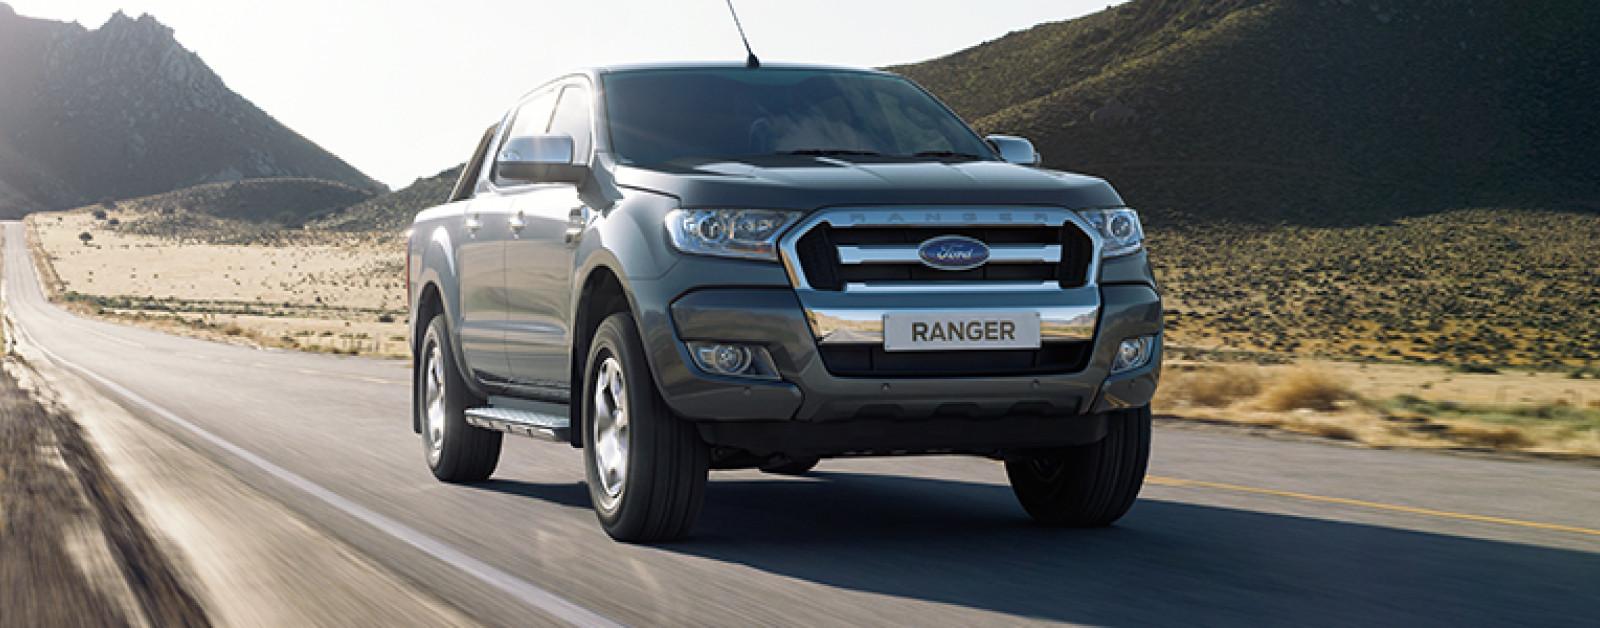 2016 Ranger